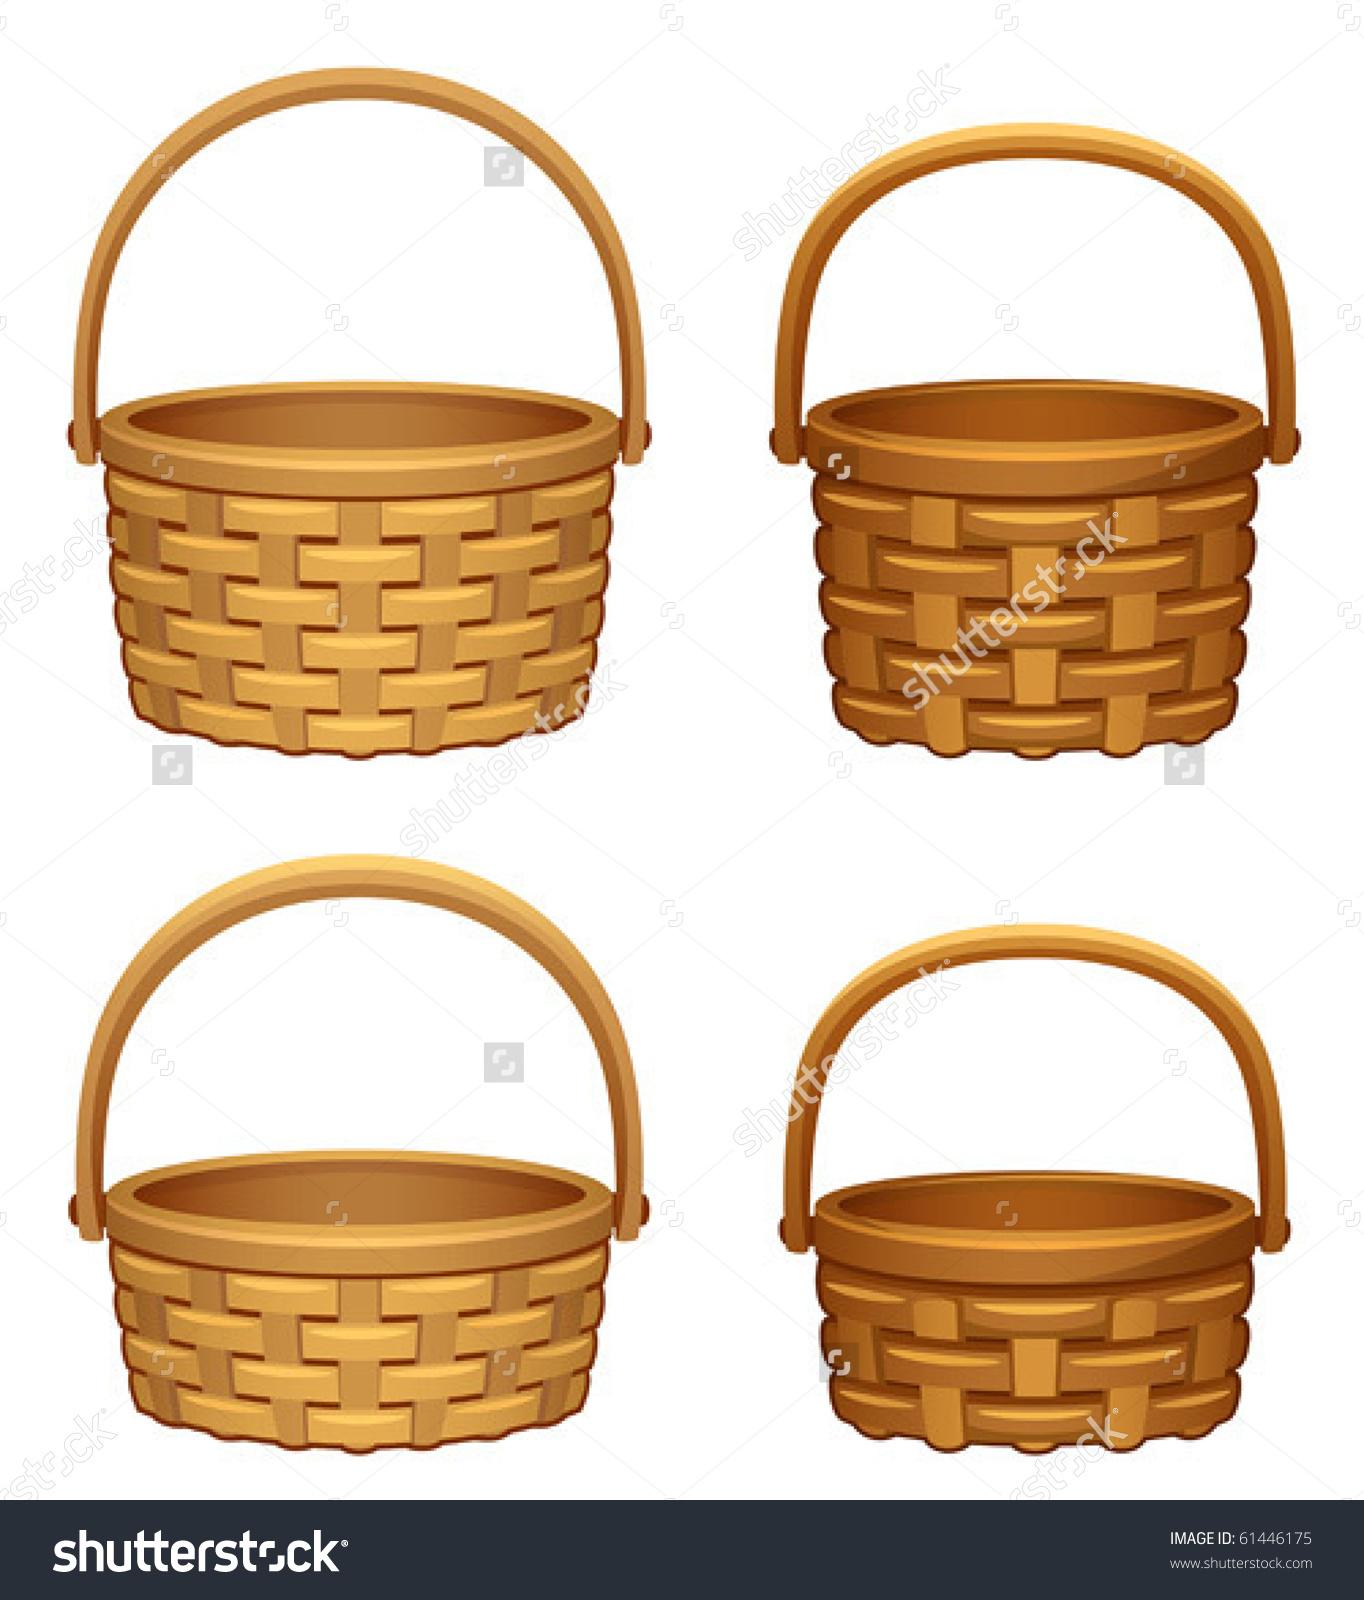 Picnic Basket Clip Art Empty Basket Clipart Collection 1, Laundry.